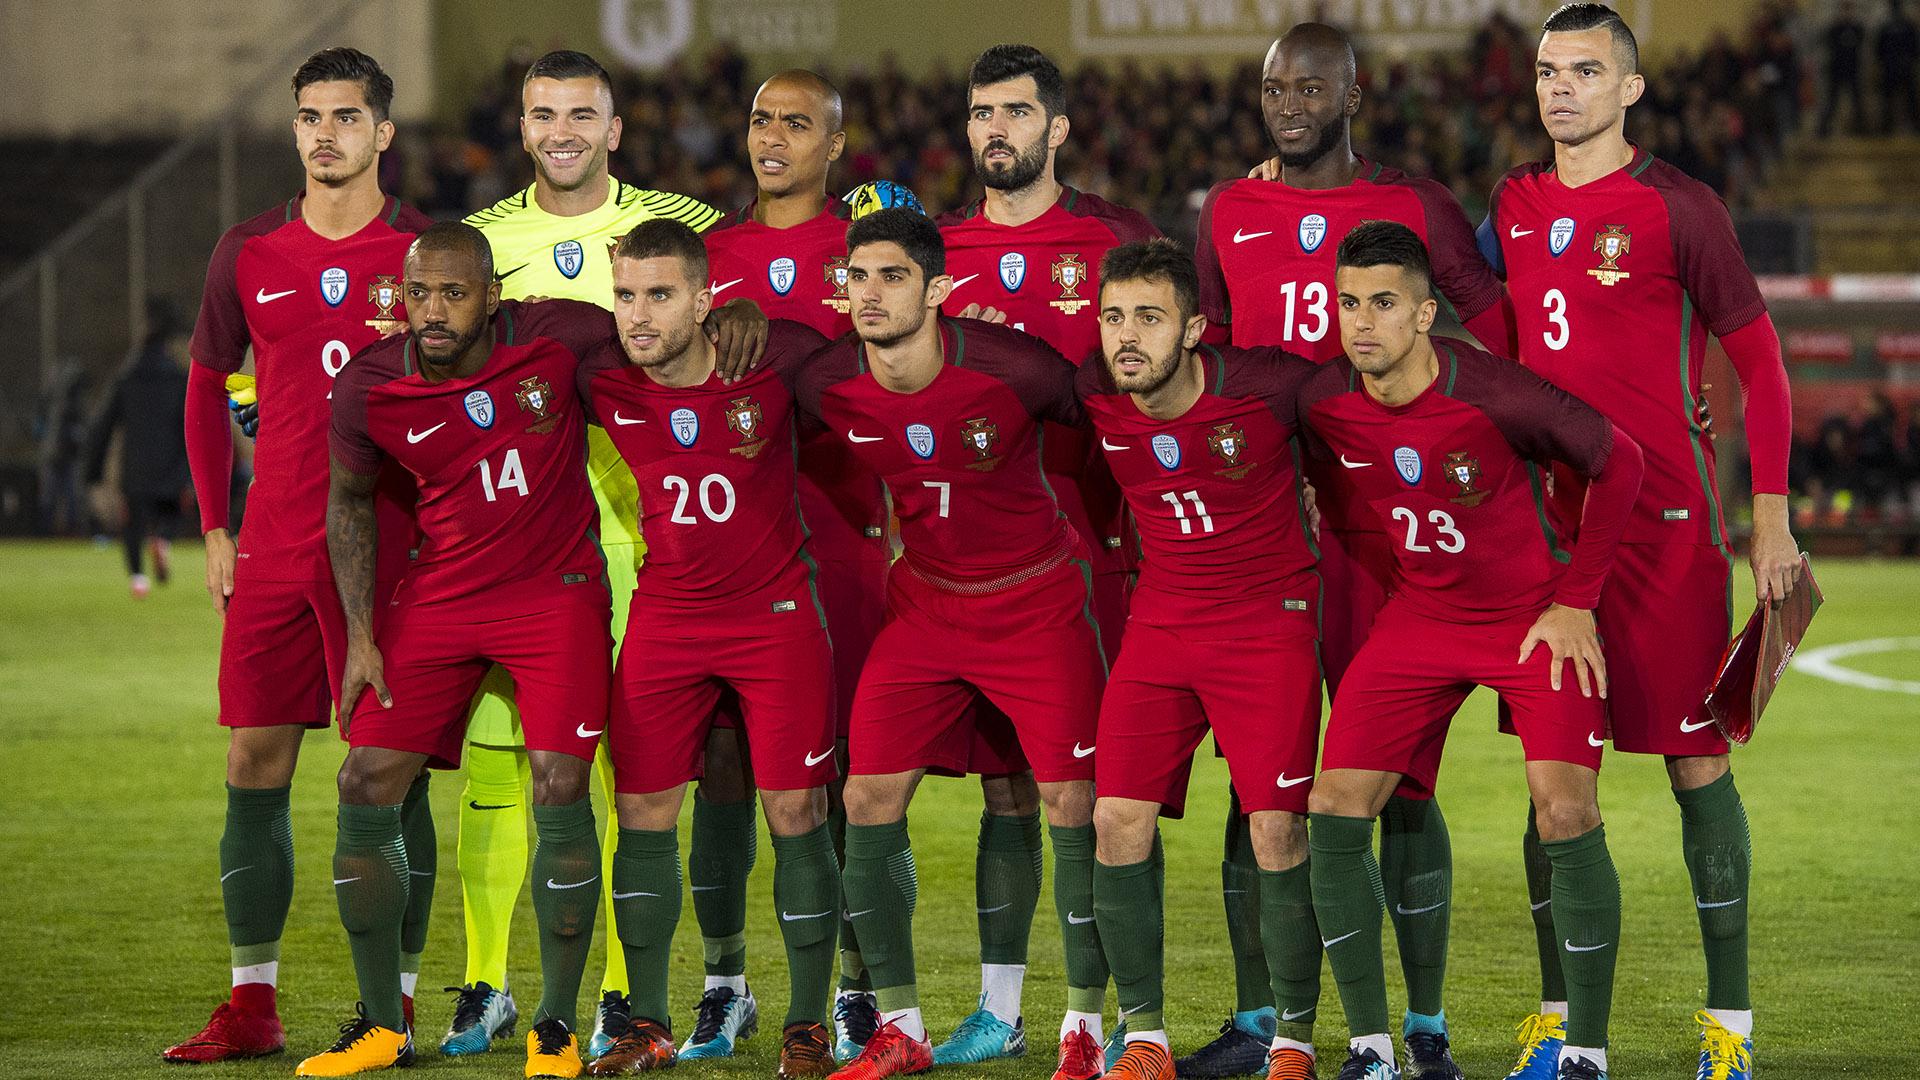 Hay de todo el valor de cada selecci n que disputar el mundial de rusia 2018 - Que hay en portugal ...